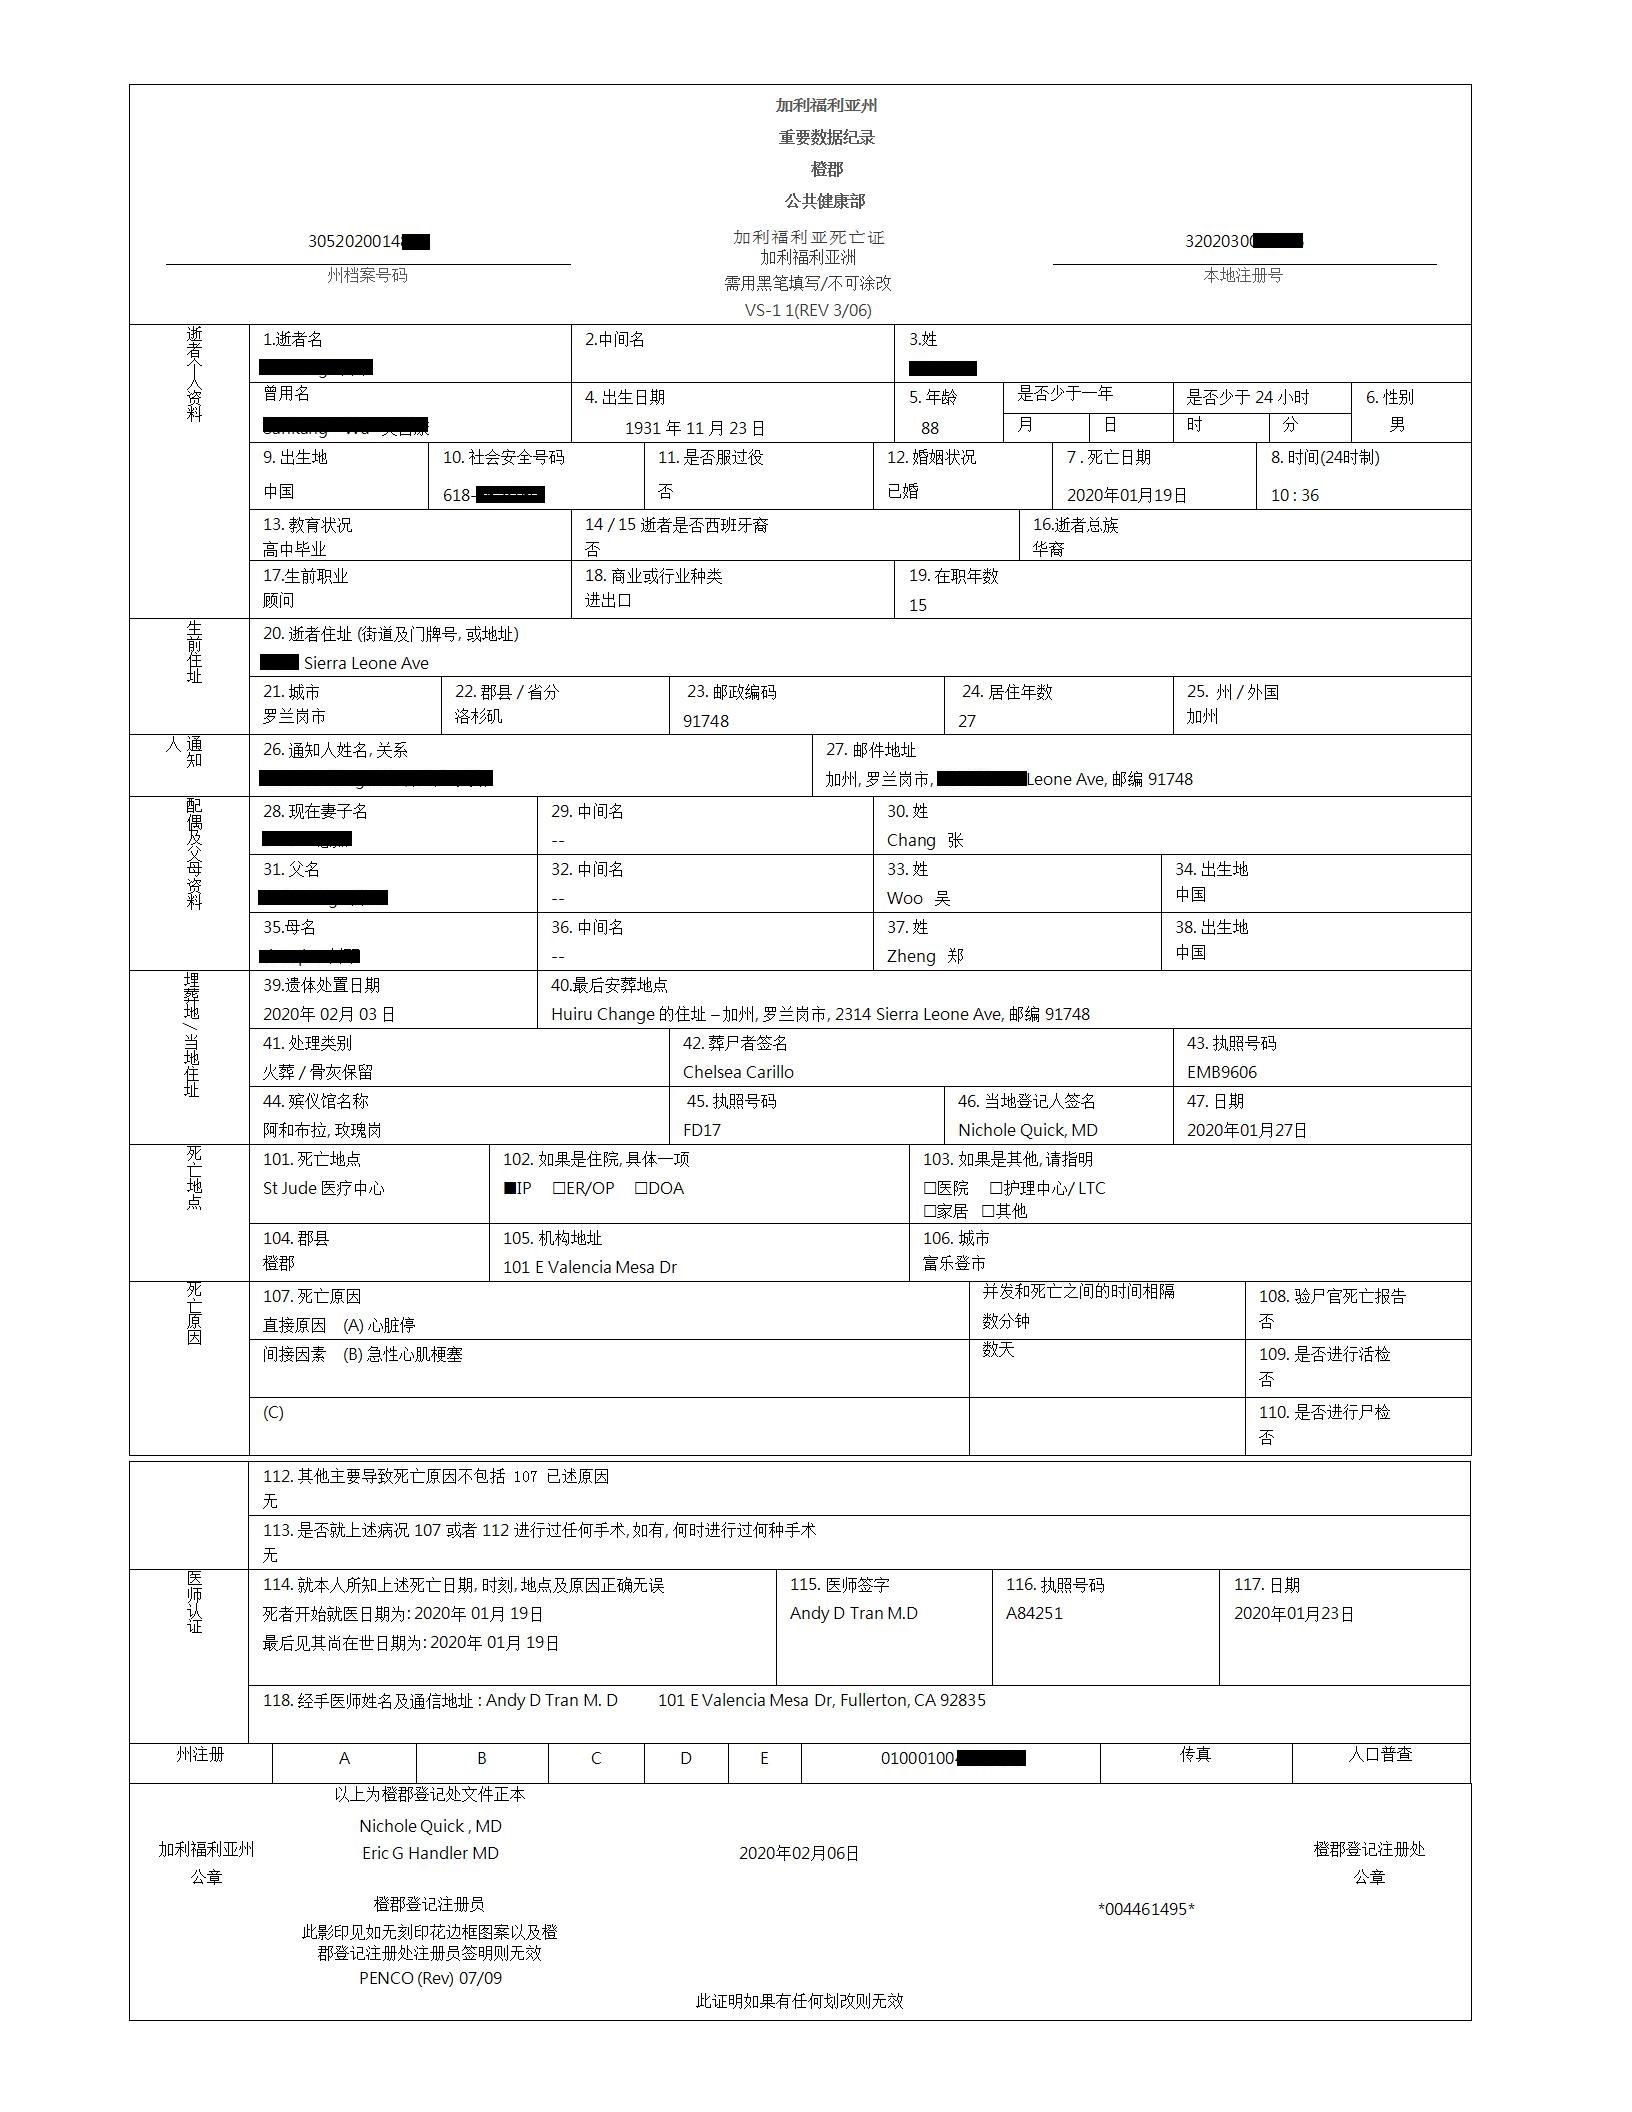 2 01 - 美国死亡证明翻译认证盖章